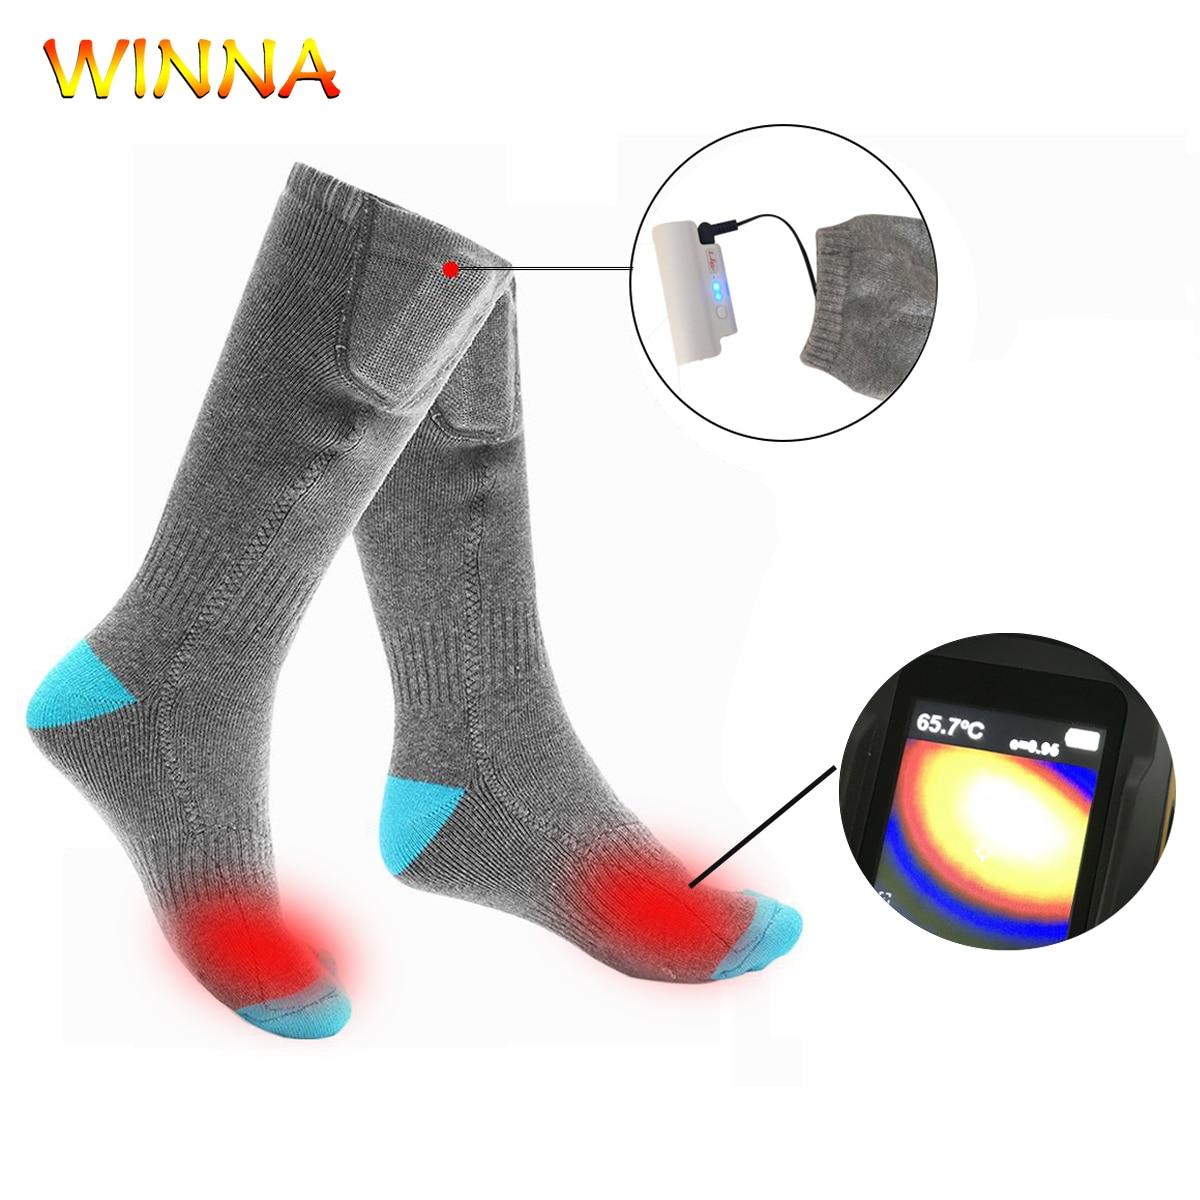 Chaussettes de sport chauffées d'hiver avec batterie au Lithium Rechargeable 2200mah pour les femmes